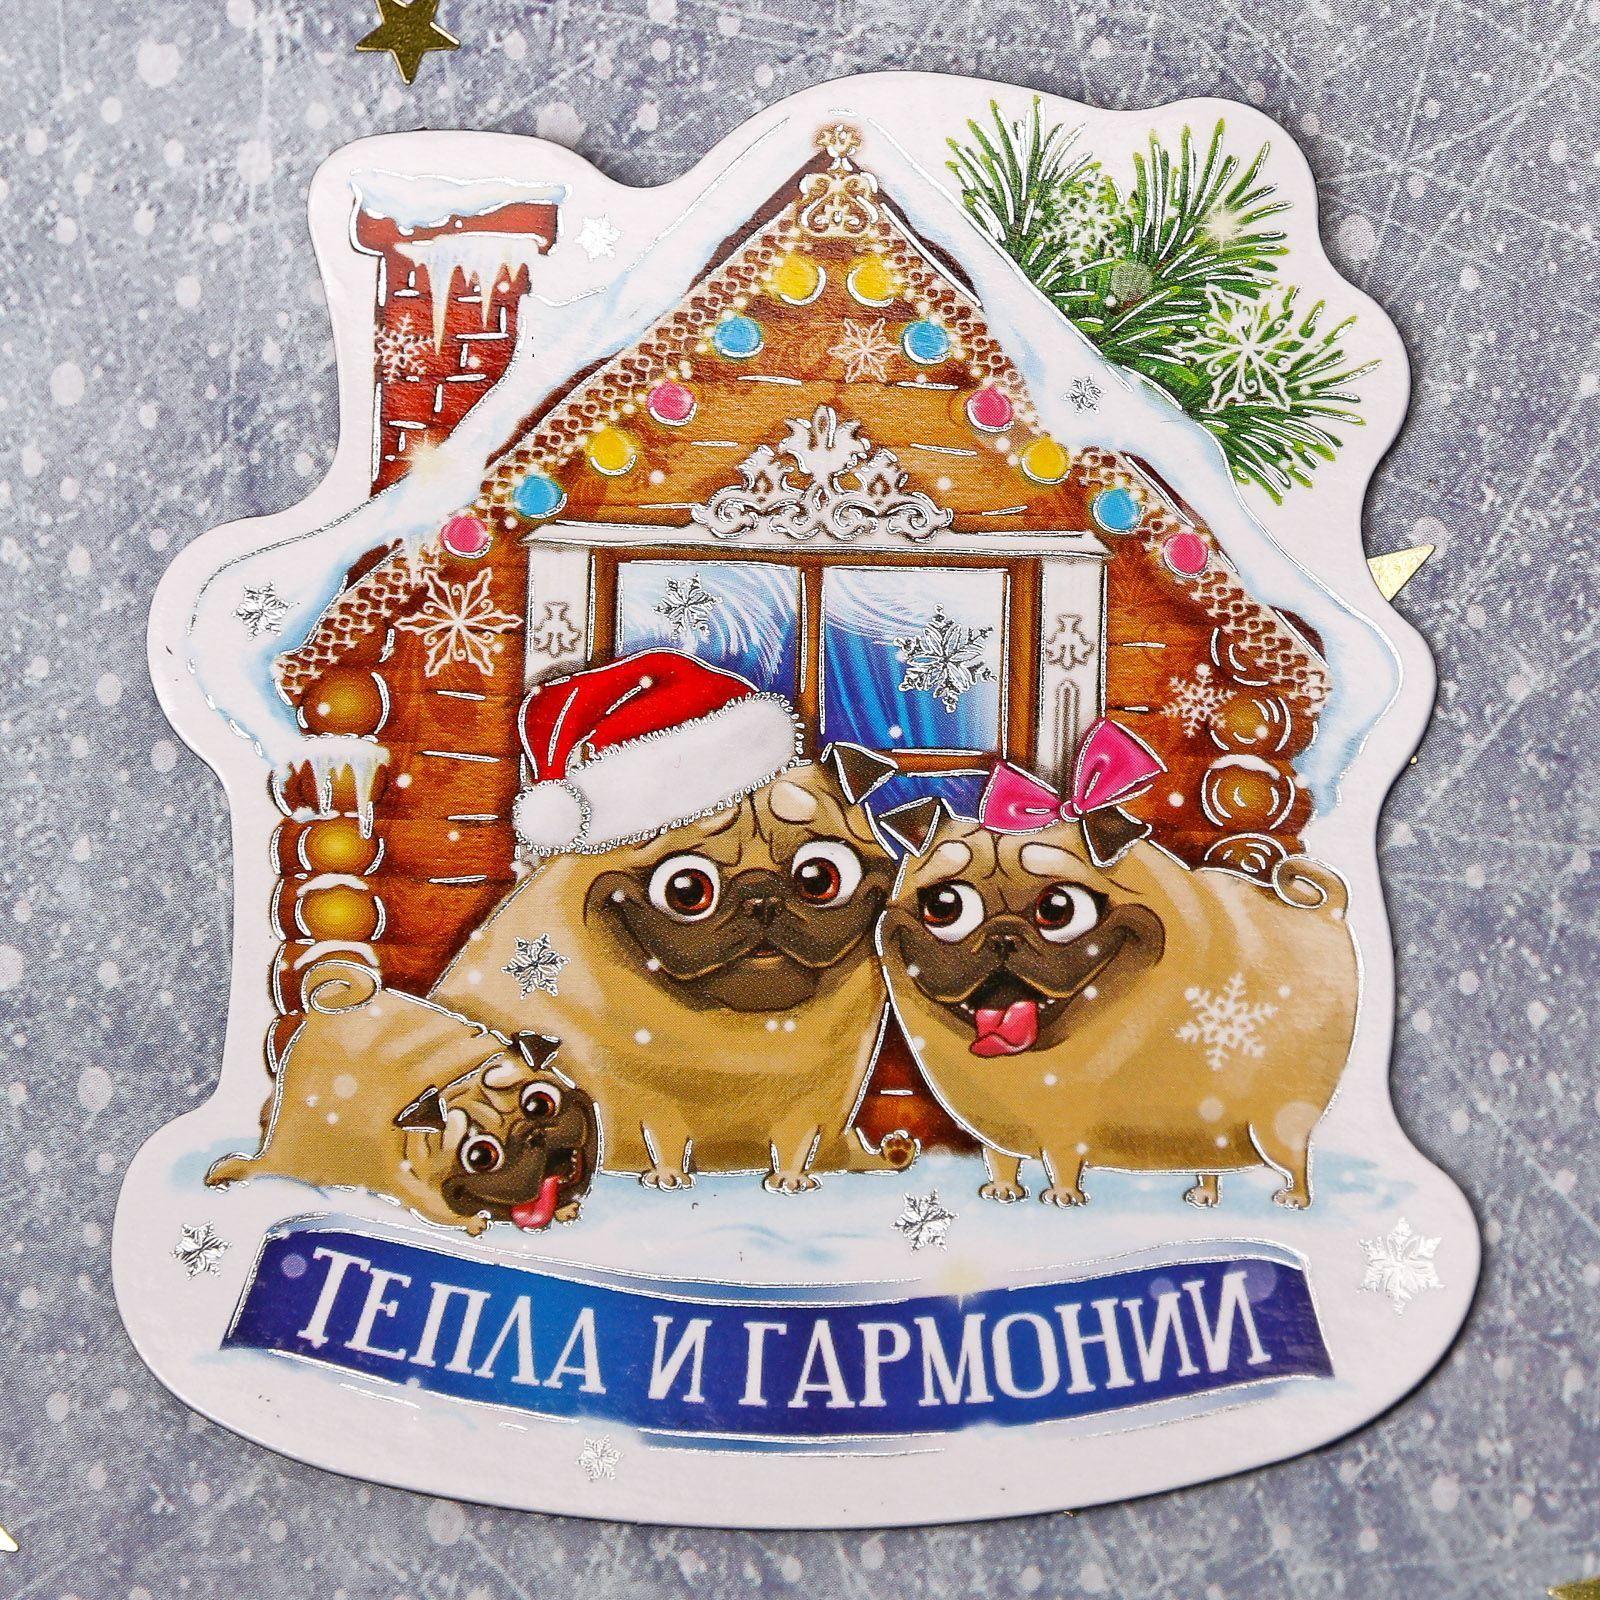 Магнит Sima-land Тепла и гармонии, 7,3 х 7,9 см1894052Порадуйте родных и близких оригинальным сувениром: преподнесите в подарок магнит. С ним даже самый серьёзный человек почувствует себя ребёнком, ожидающим чудо!Создайте праздничное настроение, и оно останется с вами на весь год.